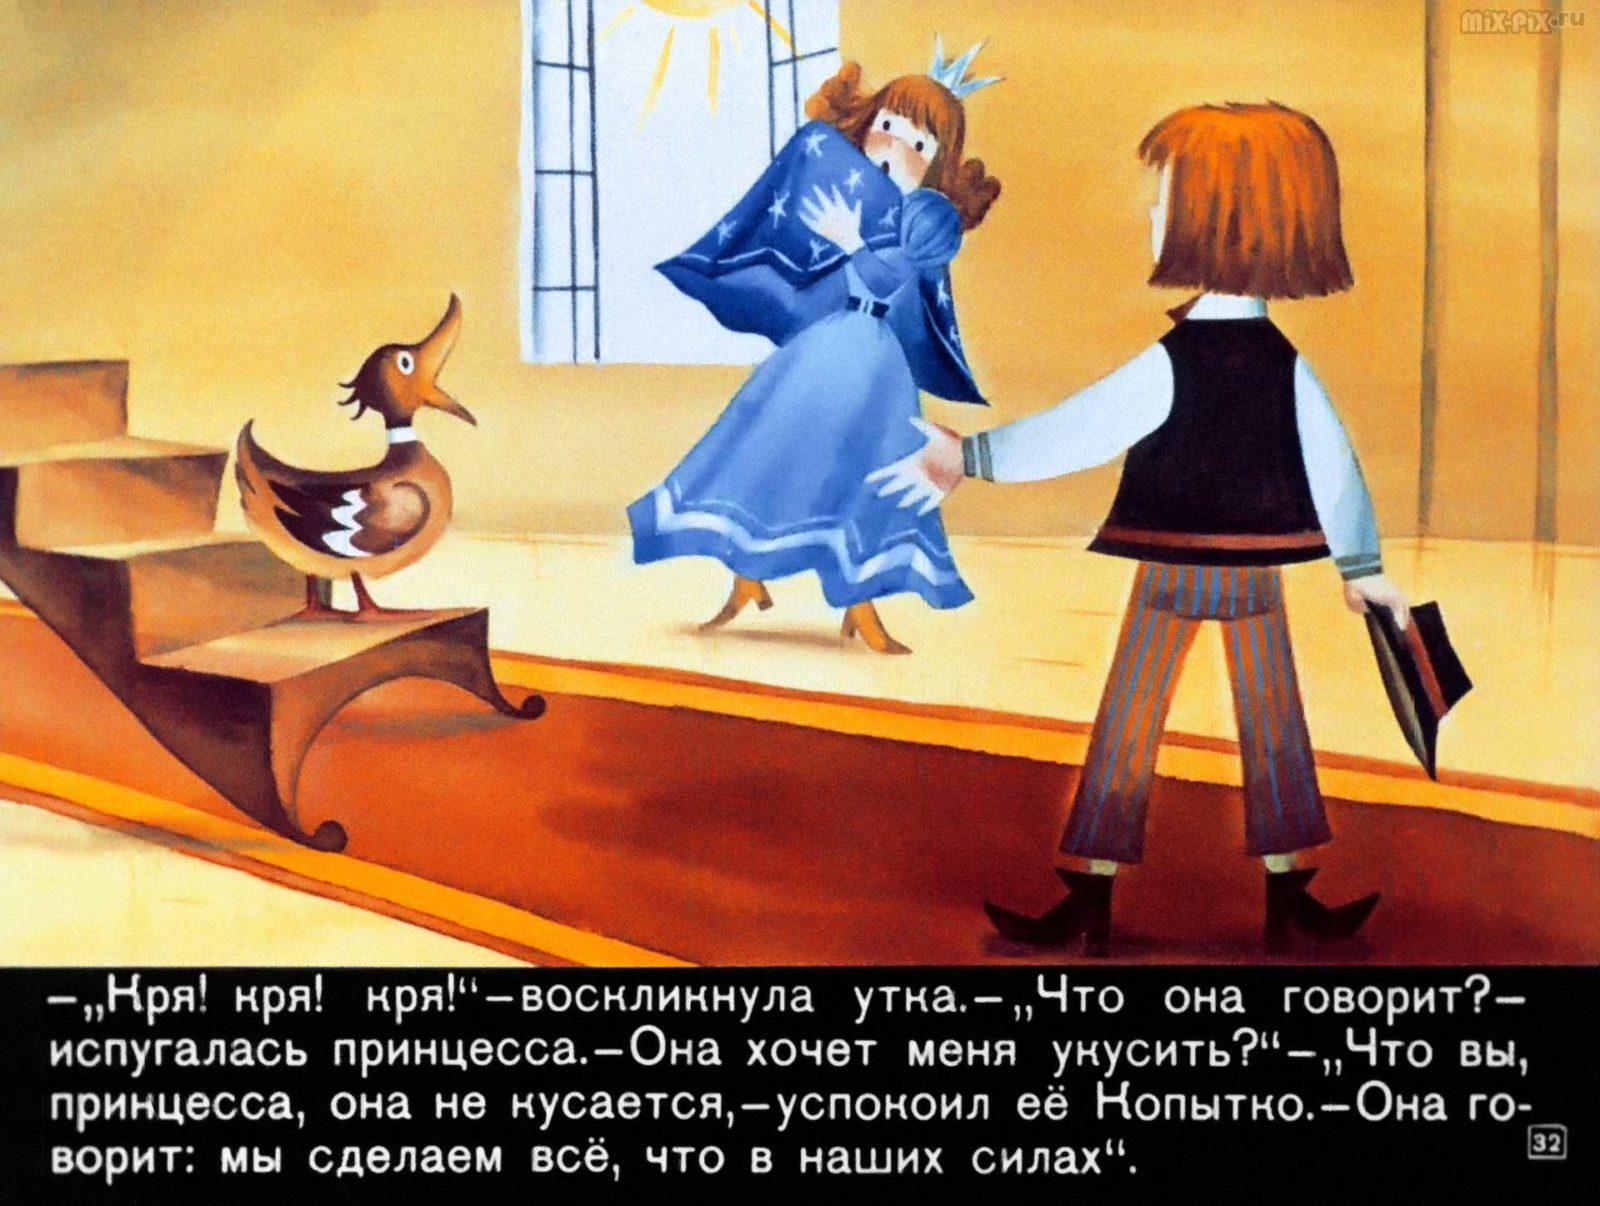 Сапожник Копытко и утка Кря (1972) 38